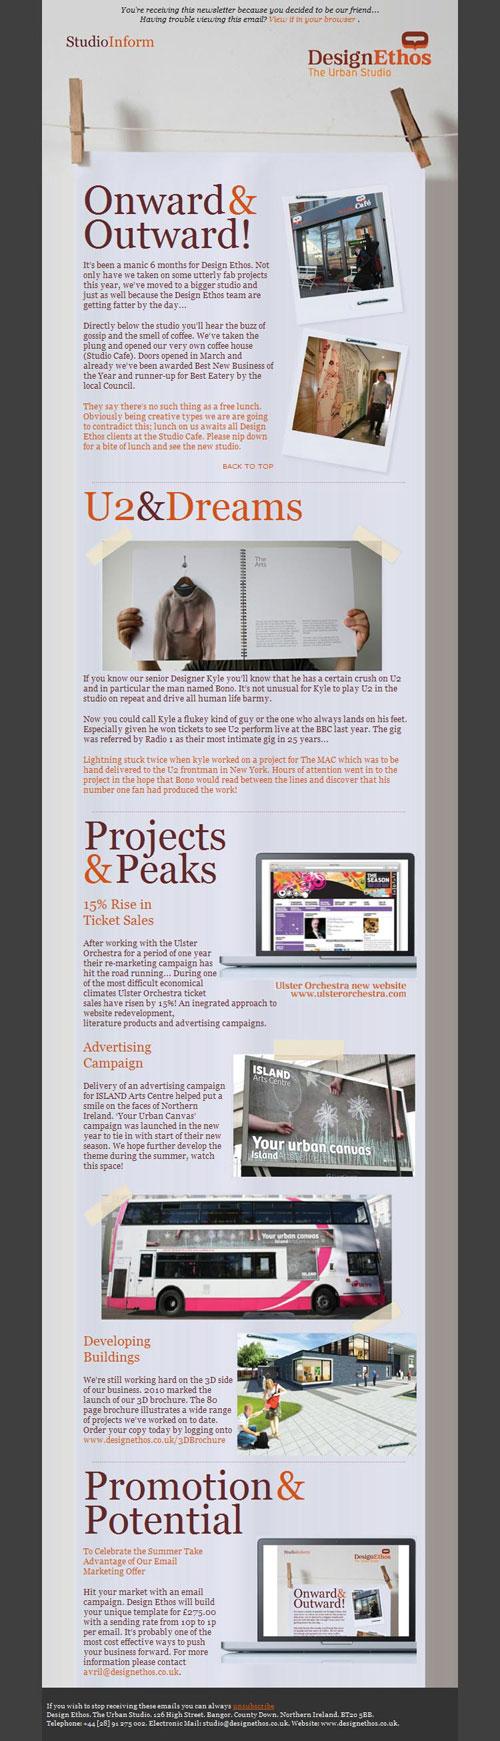 HTML Emails design inspiration 13